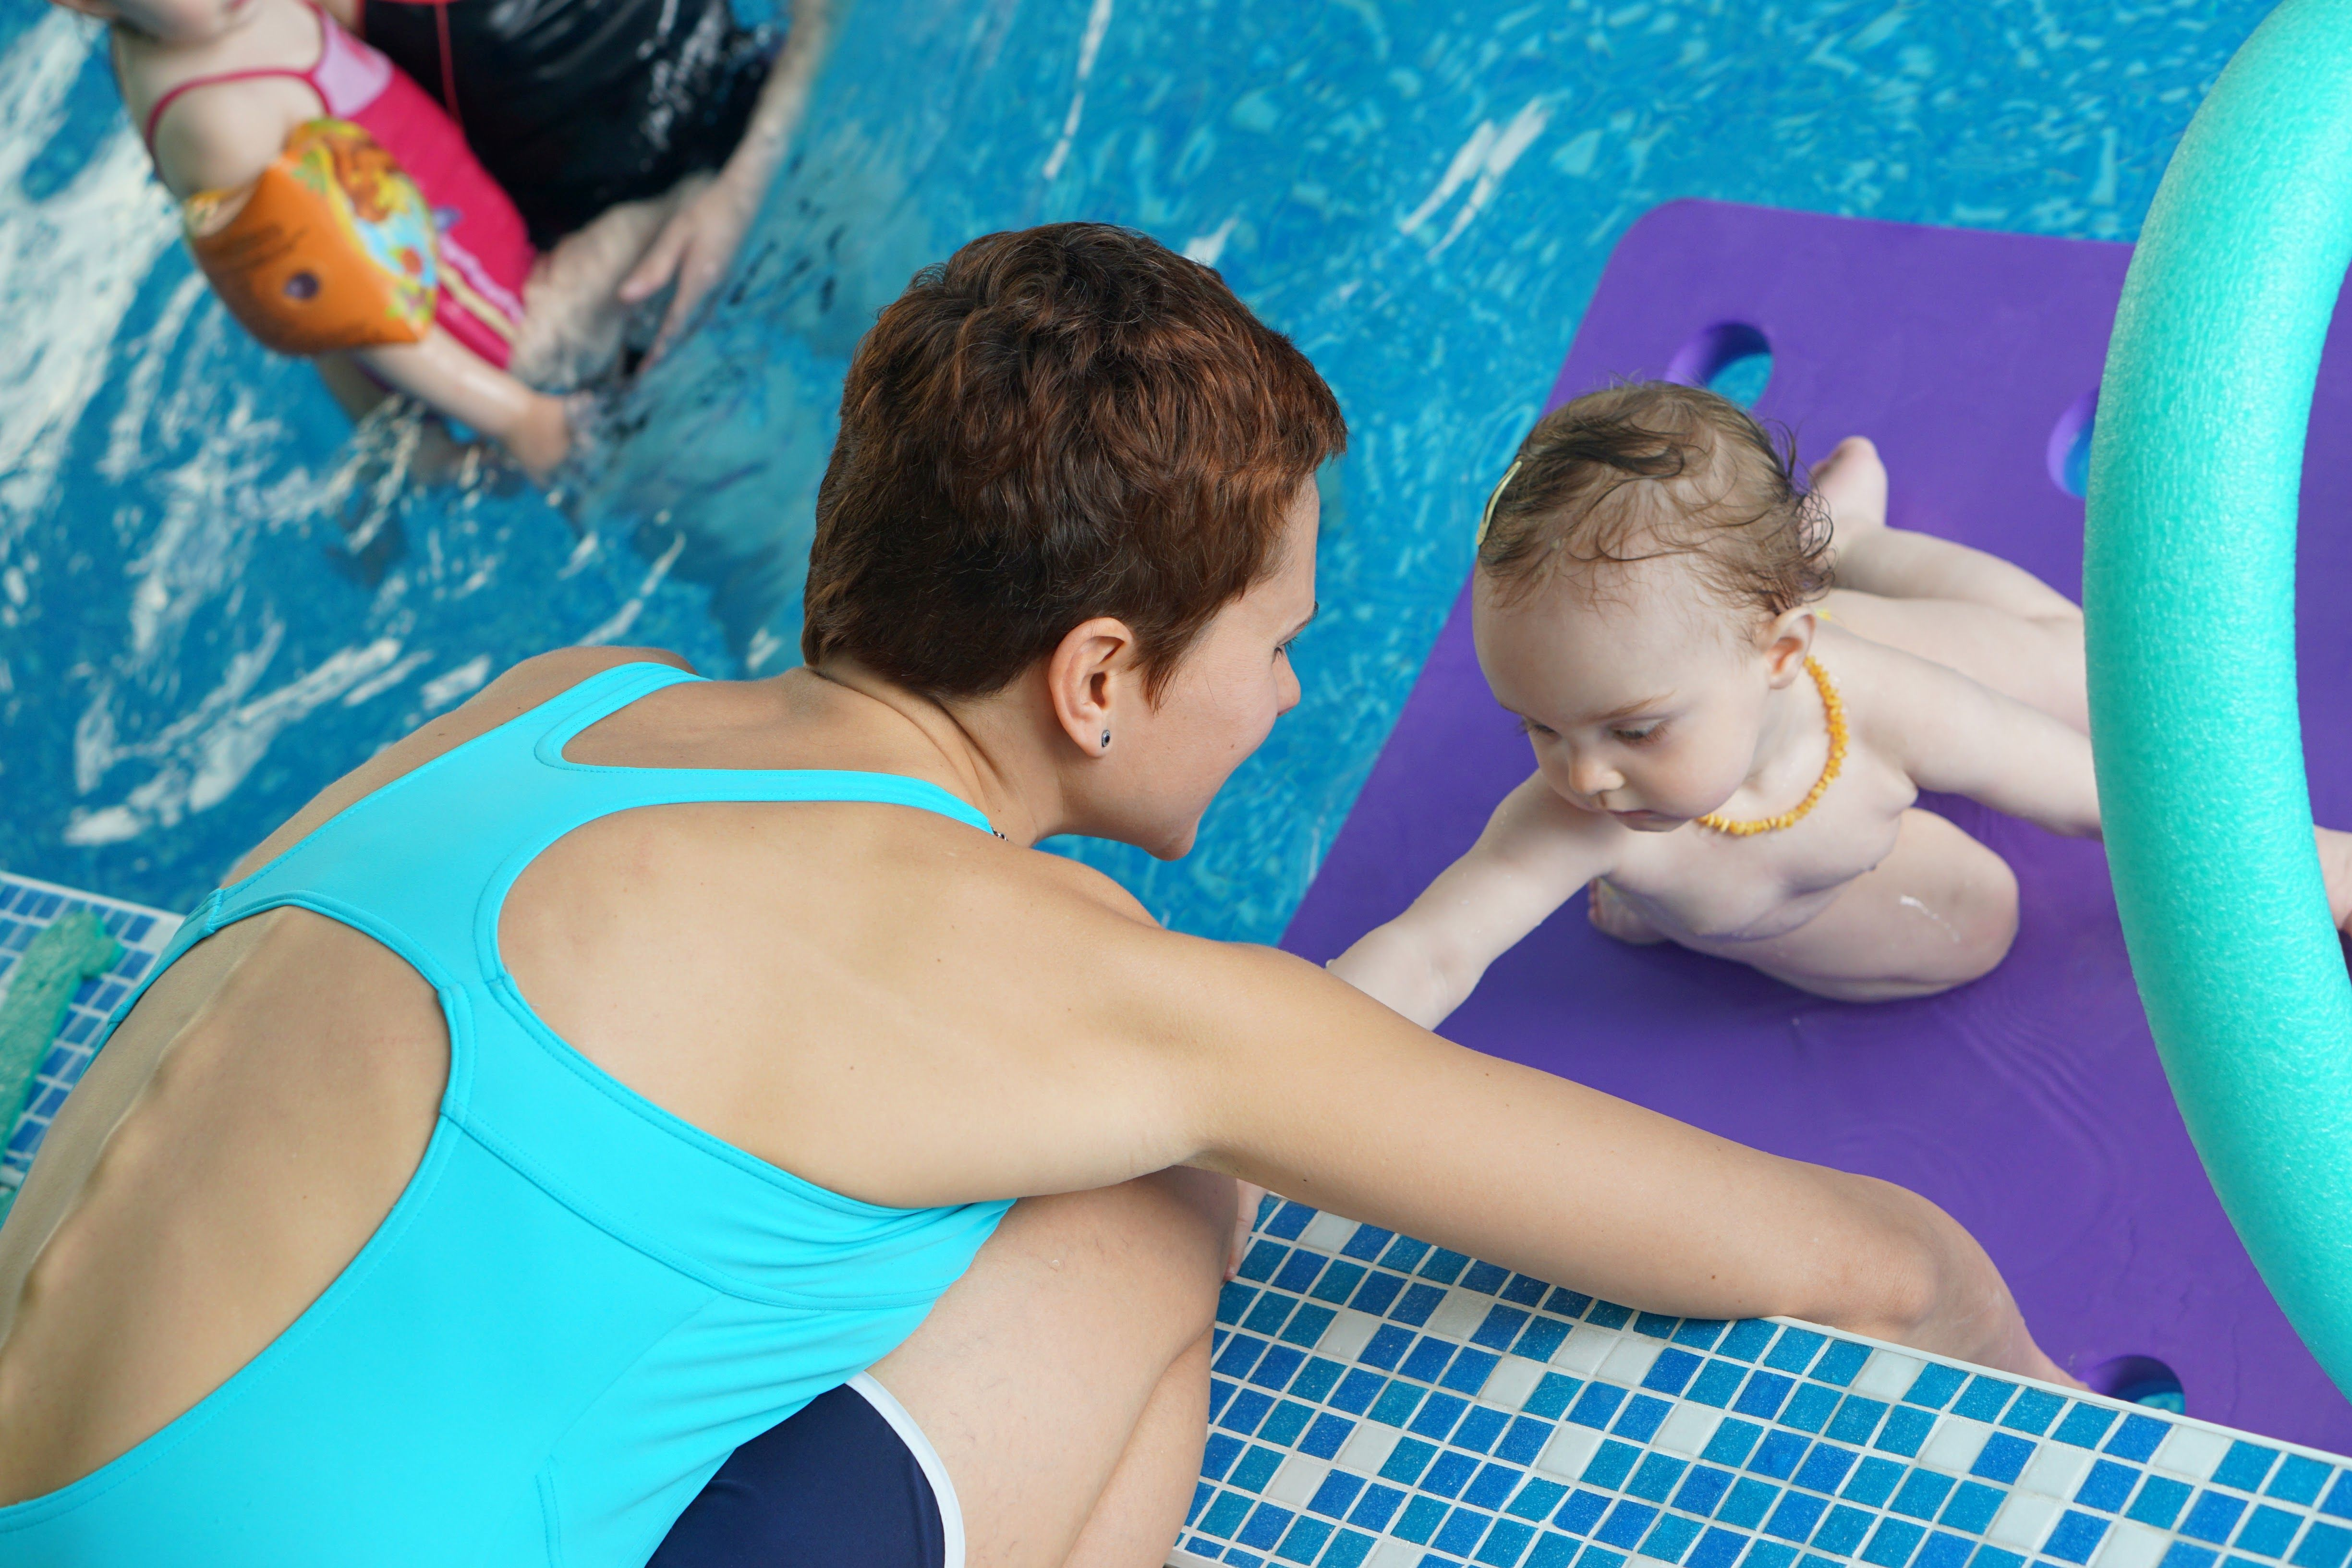 a79c33f7616 Така заедно с други треньори организират няколко възрастови групи. Тя  самата води първа група – бебета, навършили 1 месец до деца до 3 години.